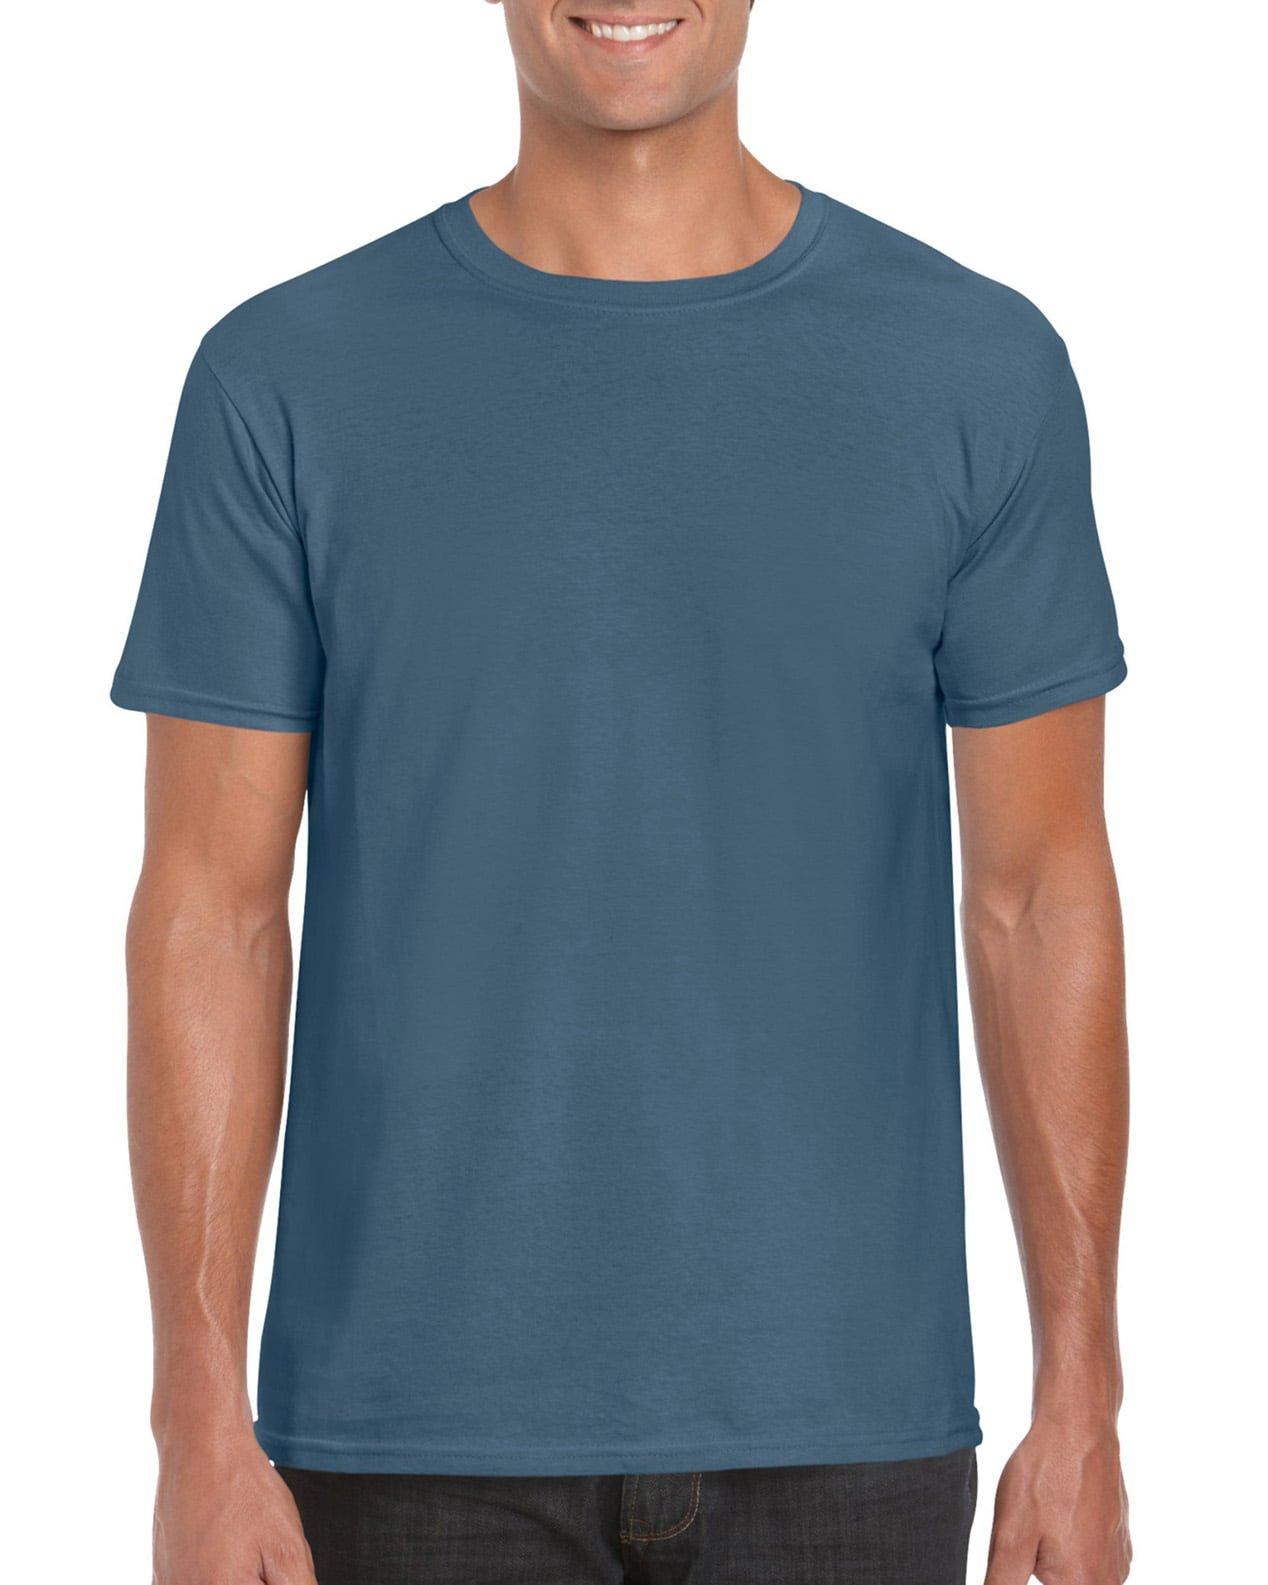 Softstyle Unisex Tee-Indigo Blue